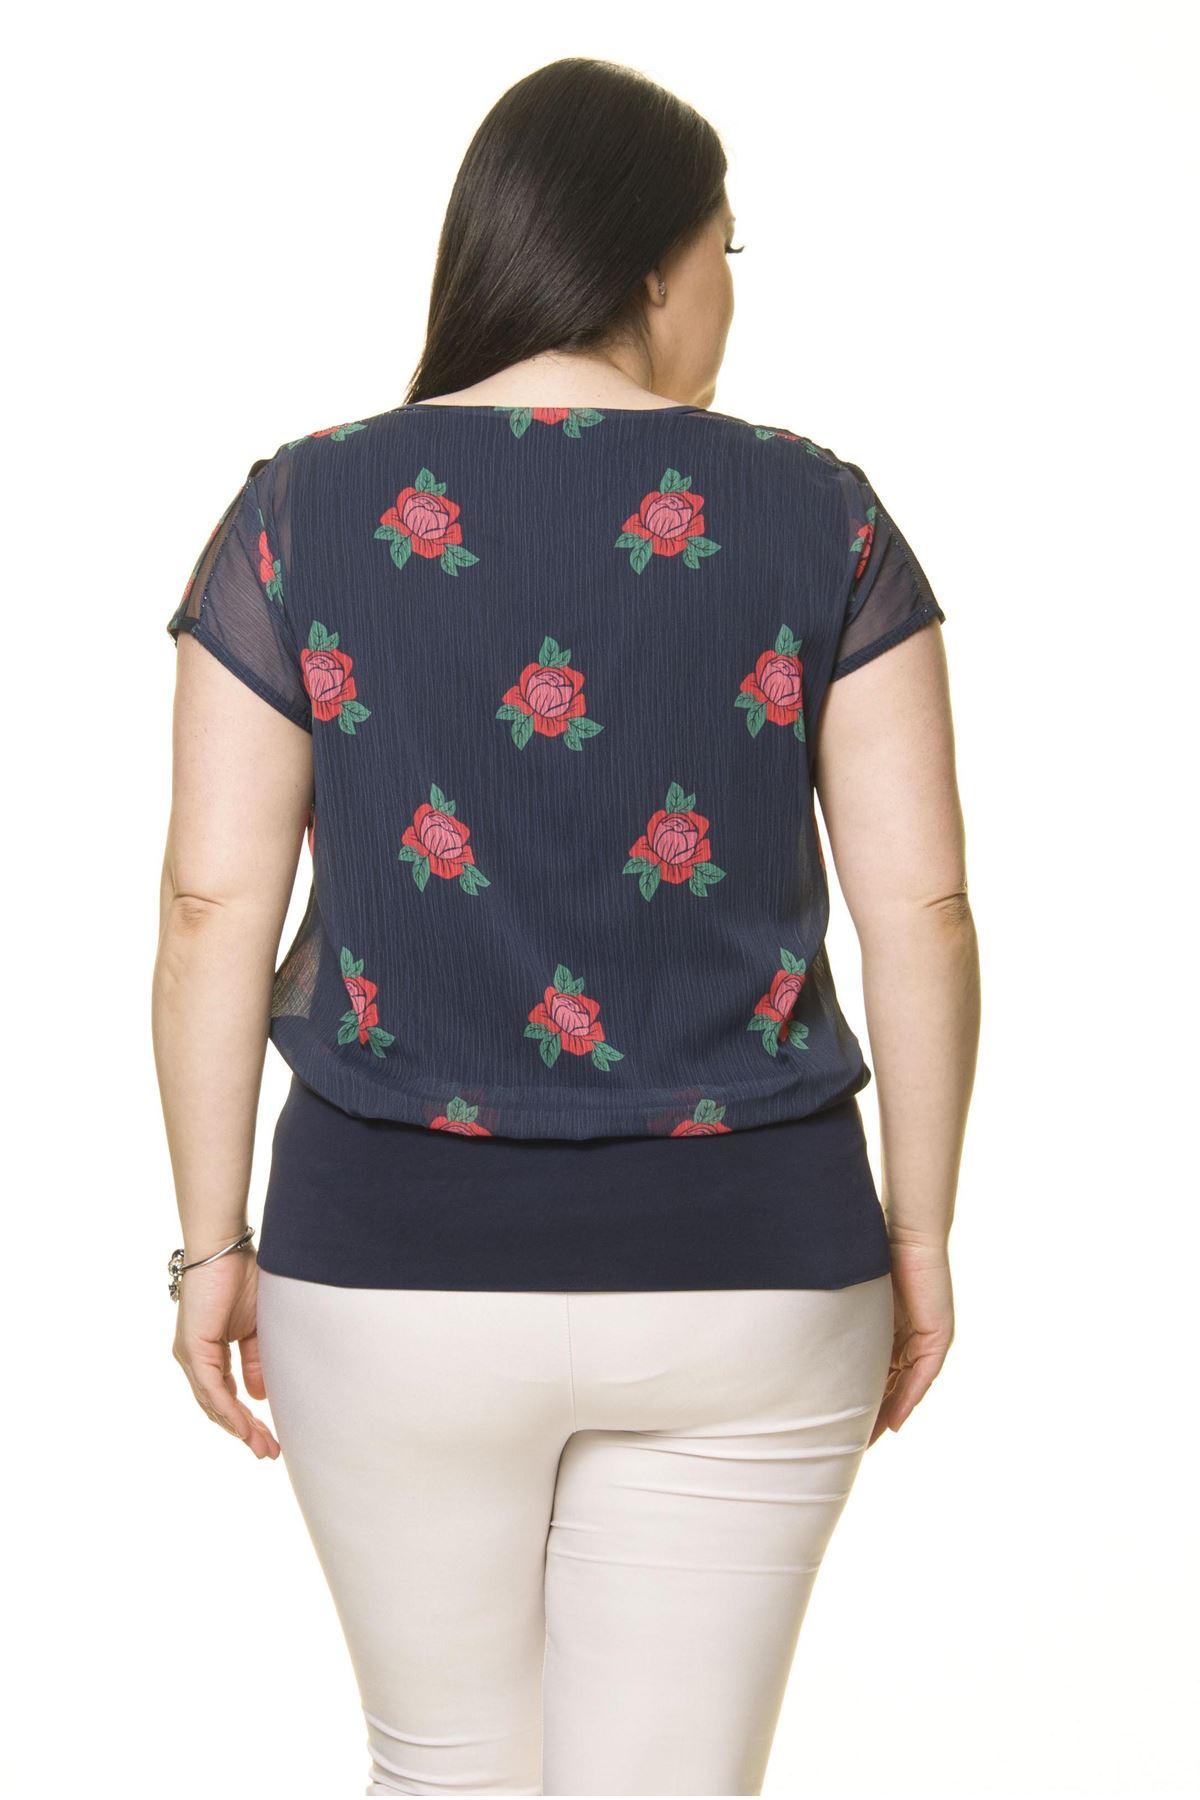 Kadın Büyük Beden Lacivert Şifon Bluz  A4-3011